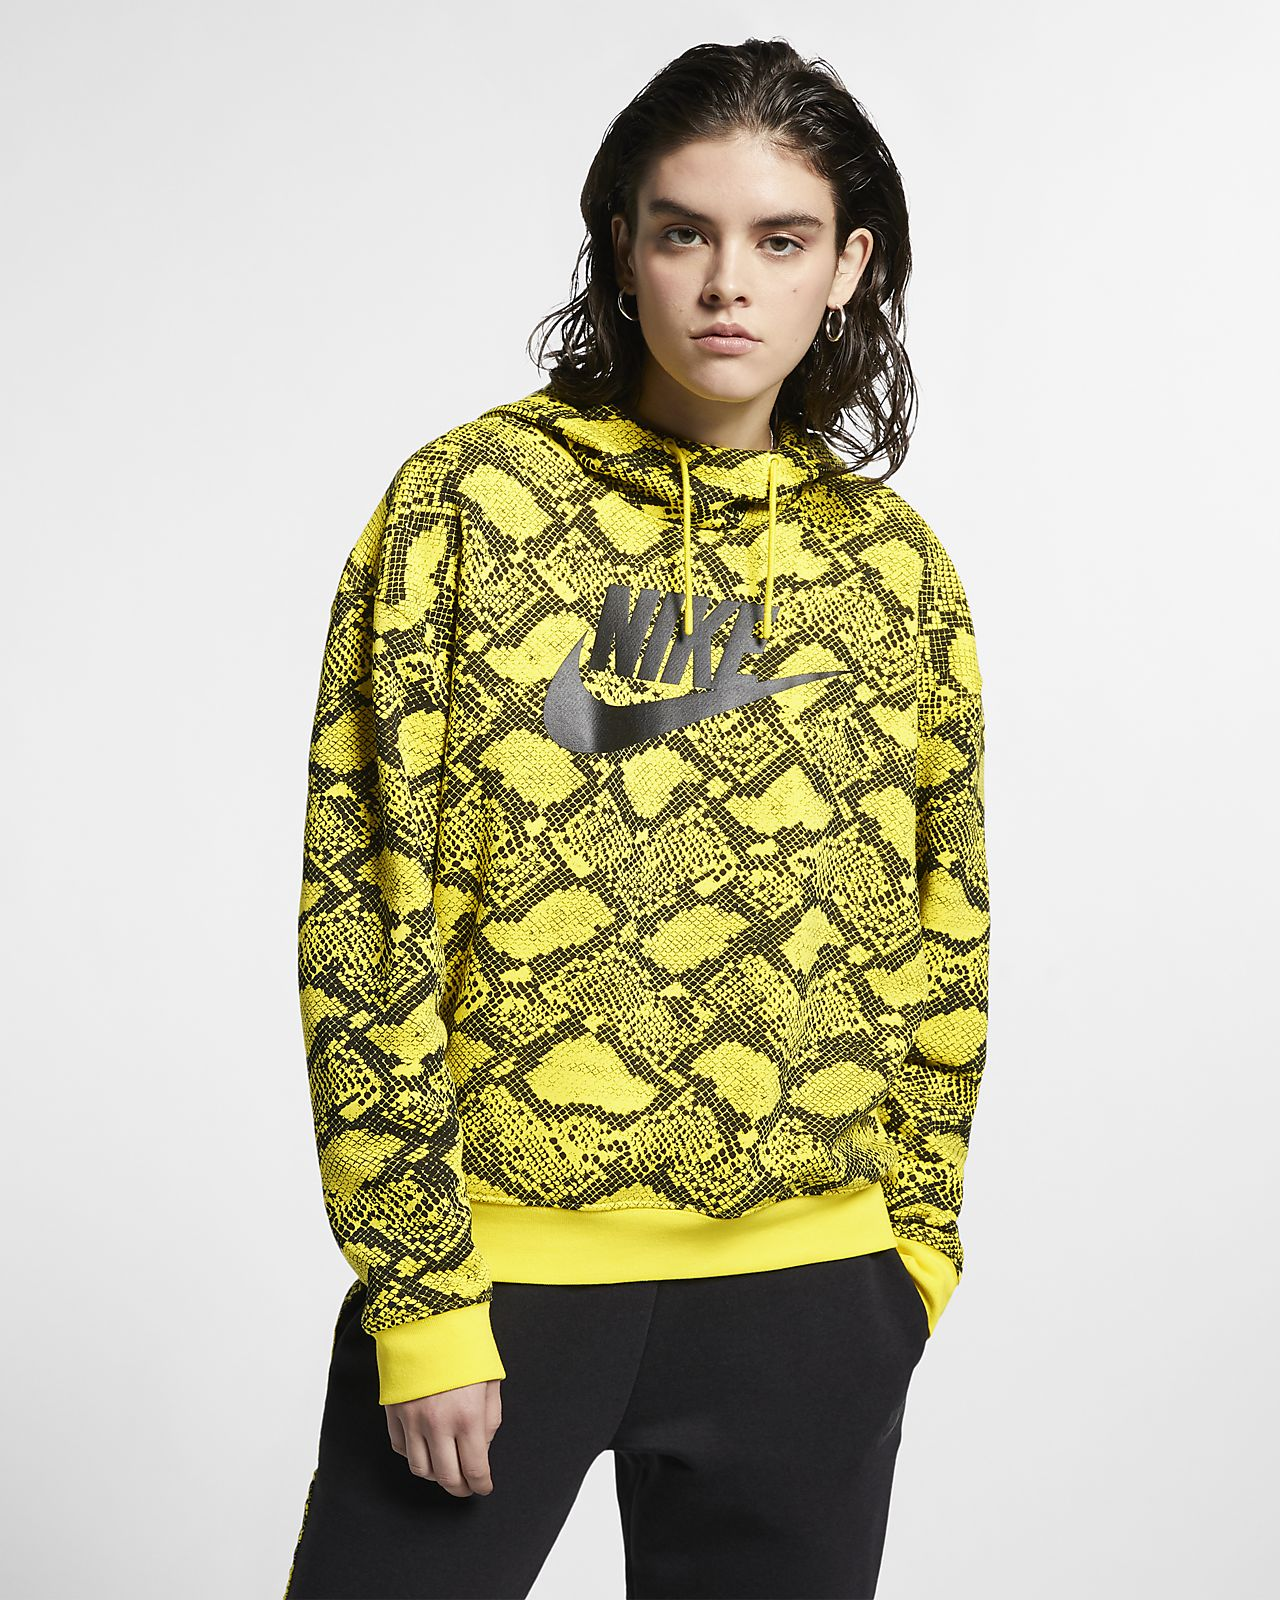 Nike Sportswear Sudadera con capucha con estampado animal - Mujer